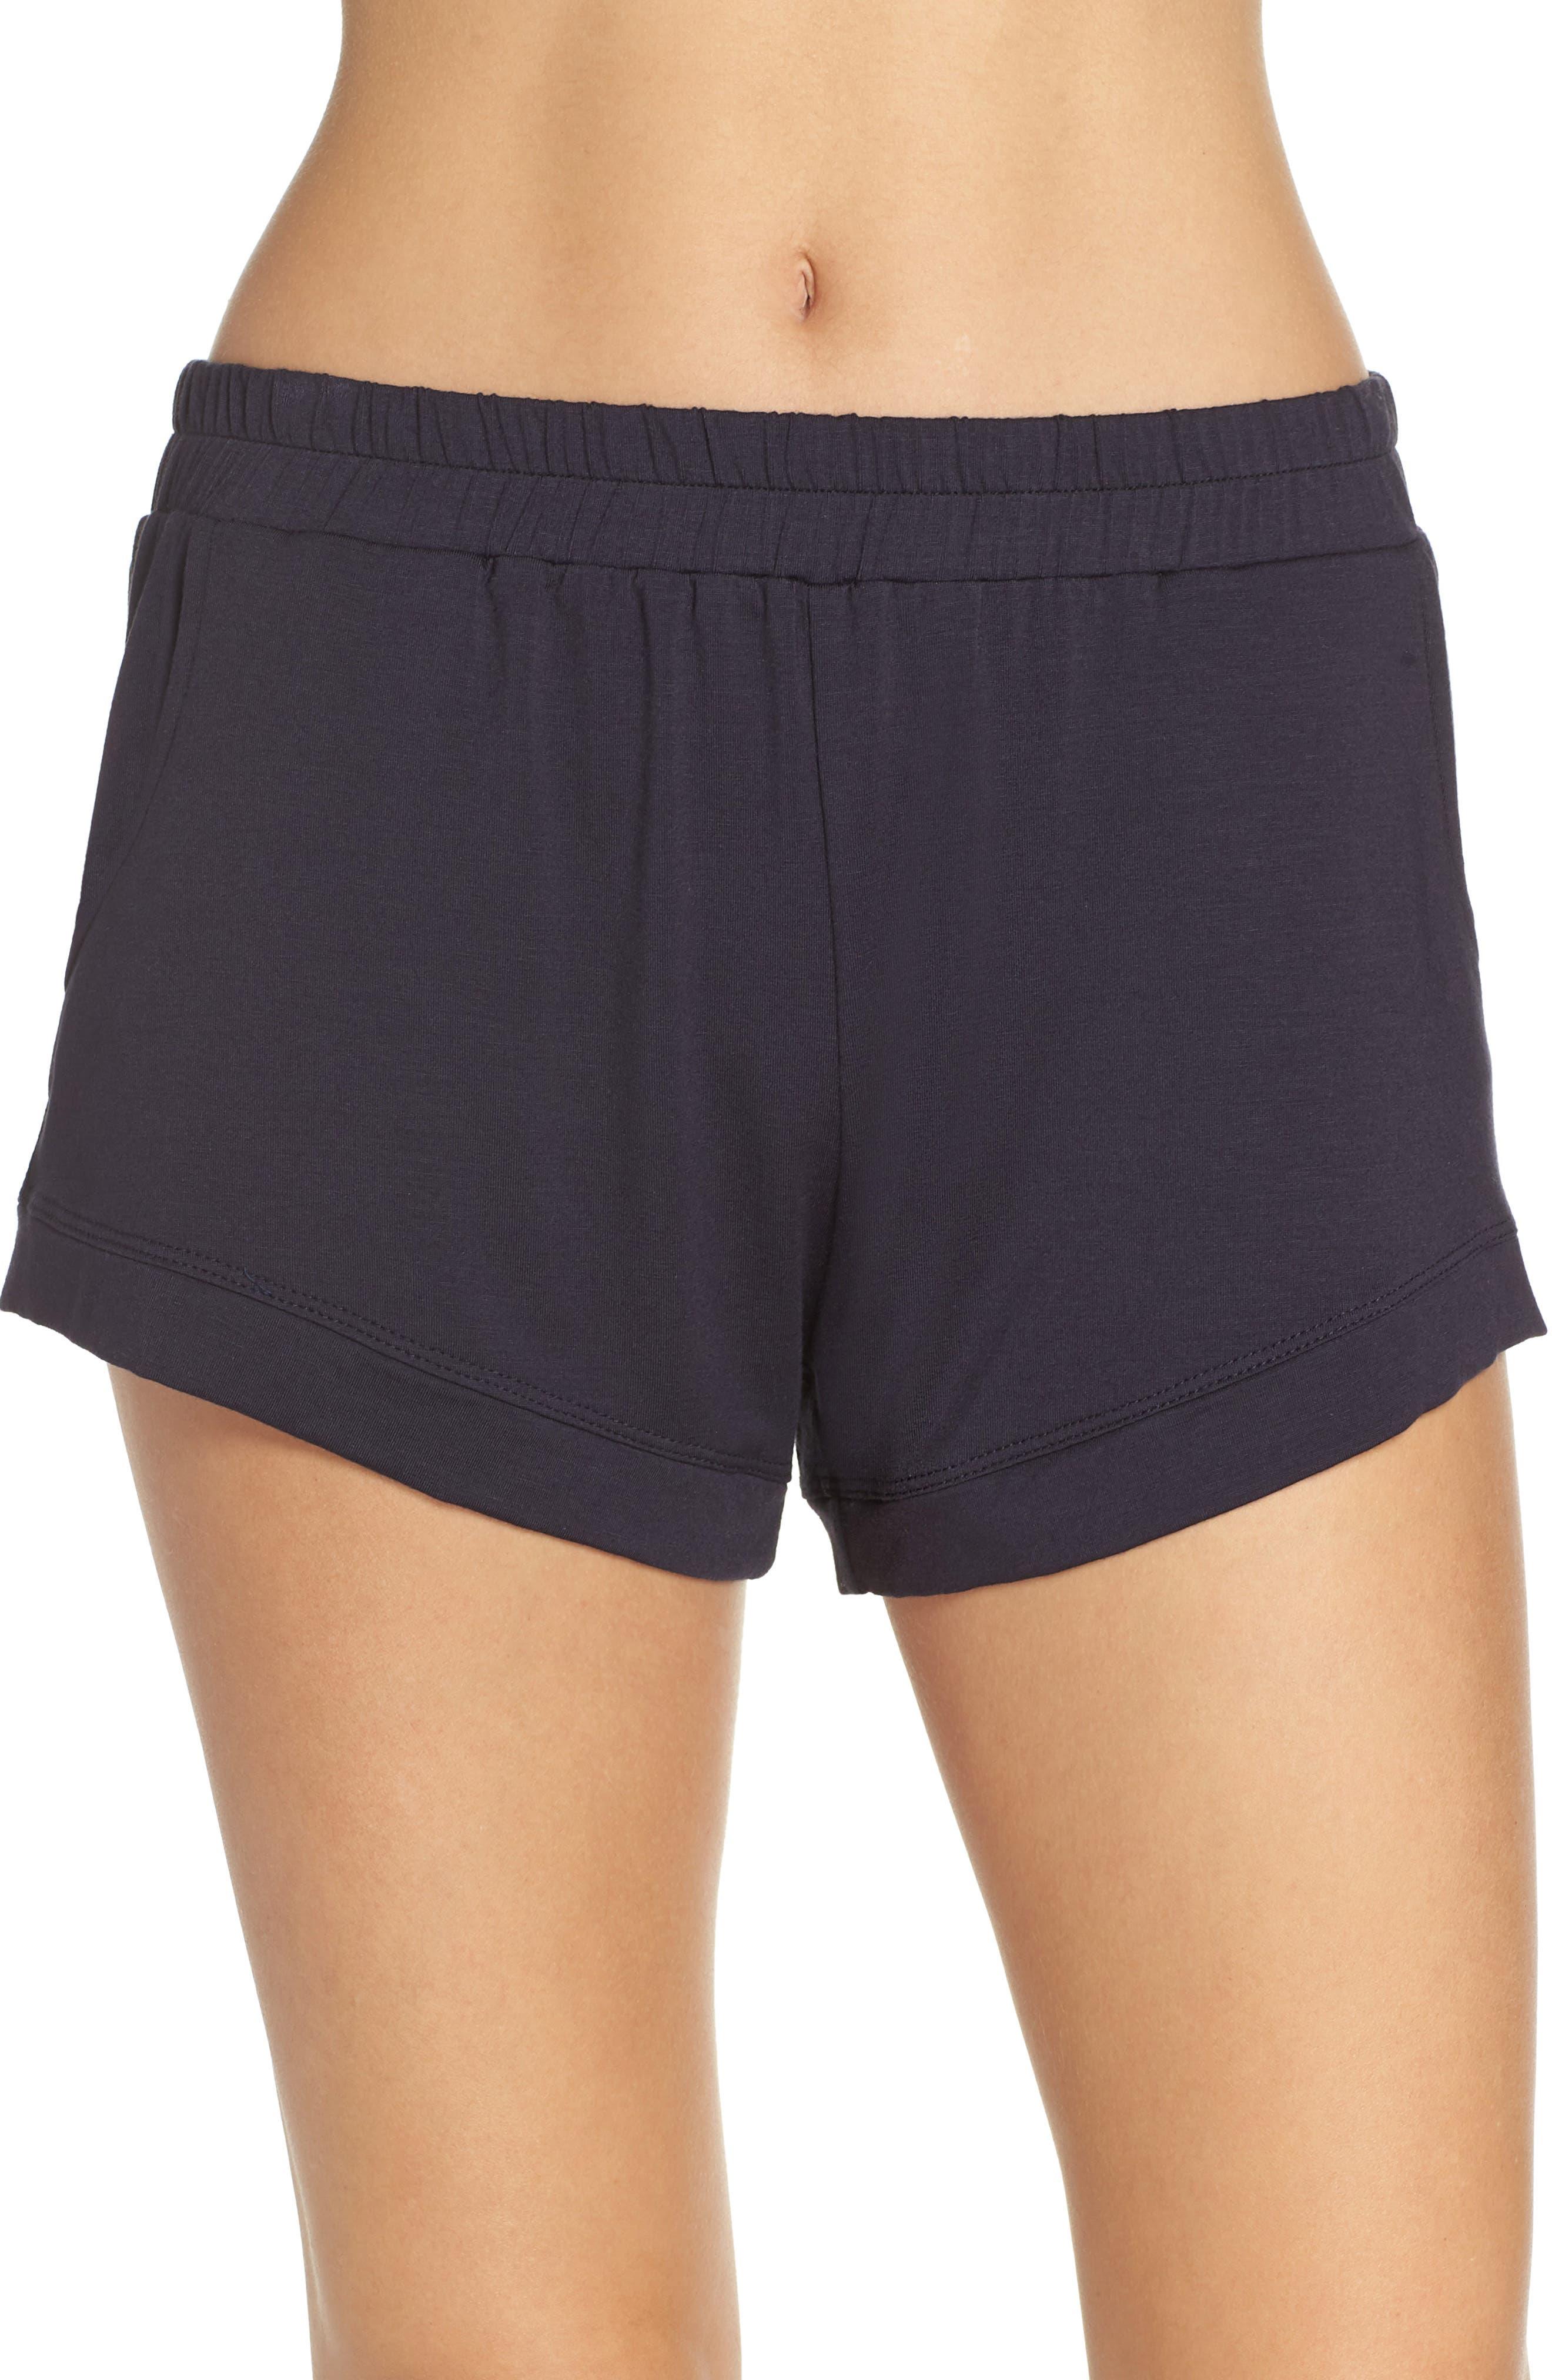 Elody Shorts,                         Main,                         color, DARK NAVY